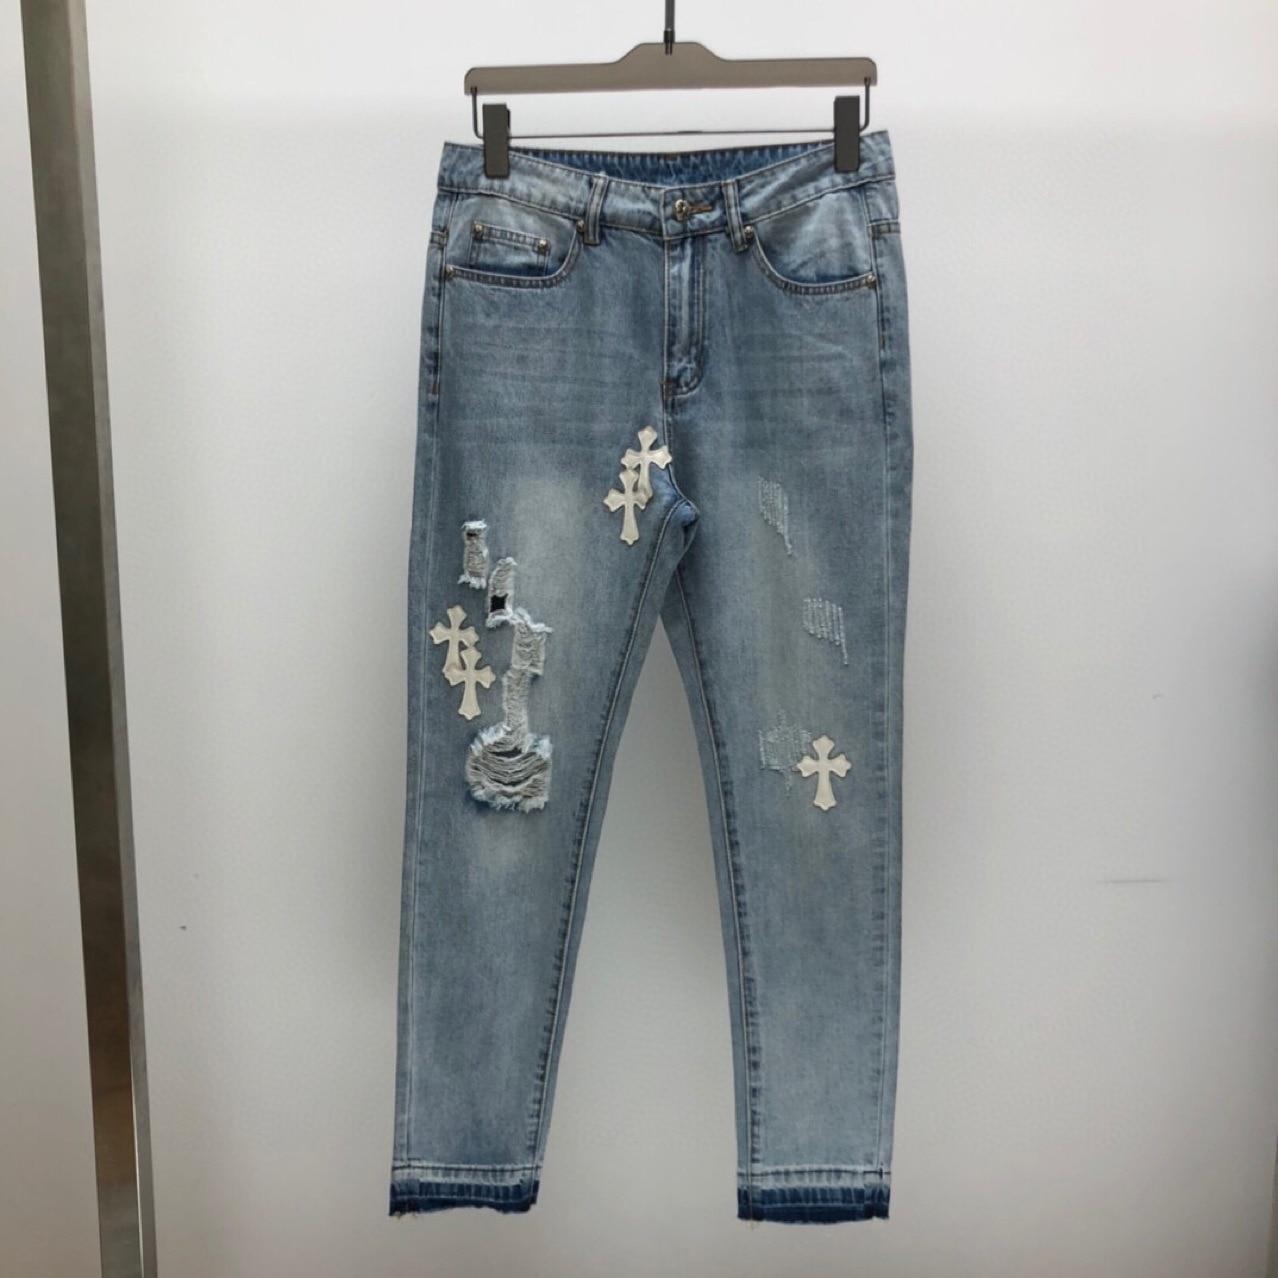 المرأة بسط ممزق نحيل السائق التطريز طباعة جينز ضيق دمرت حفرة مسجلة الدينيم خدش جودة كامل طول الجينز